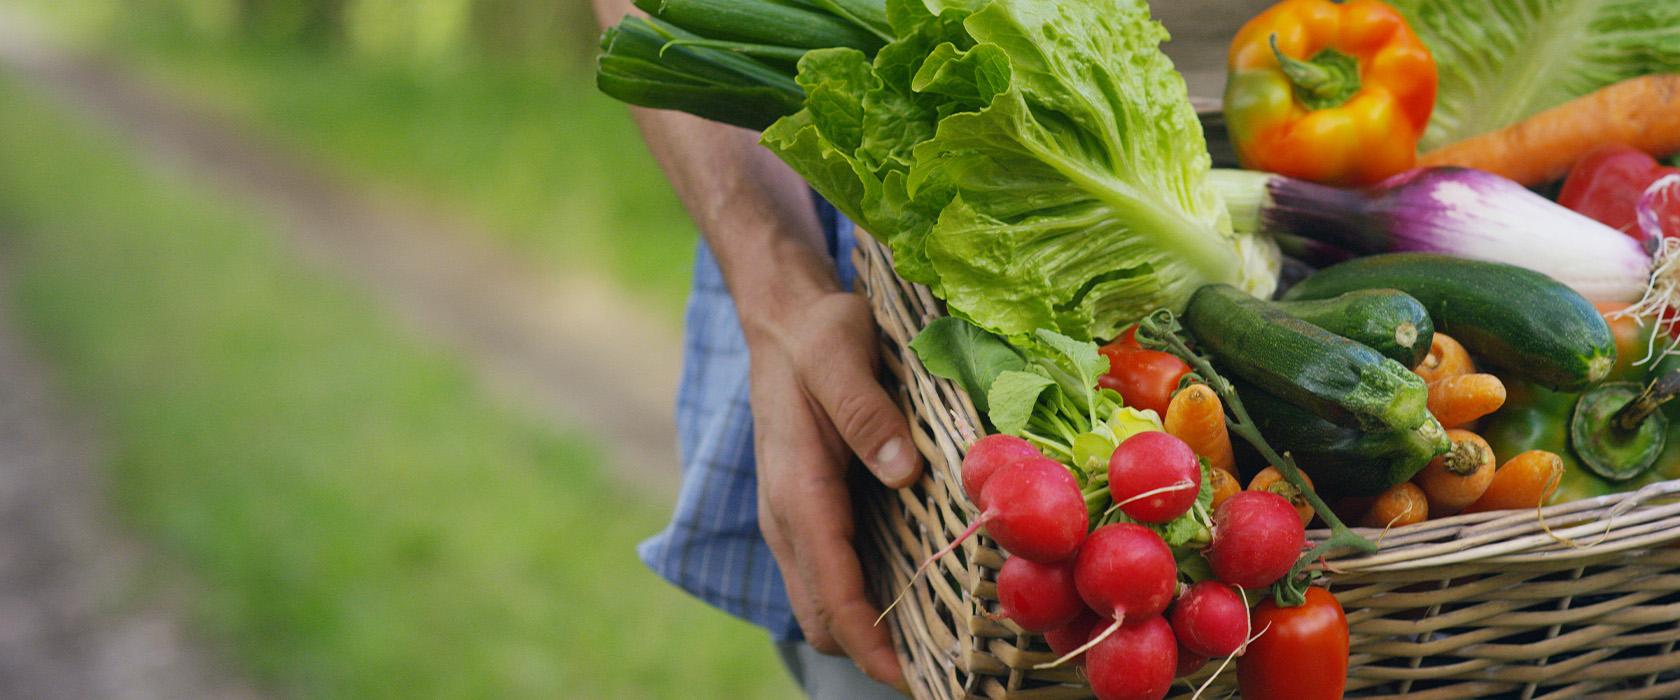 Чем питаются вегетарианцы